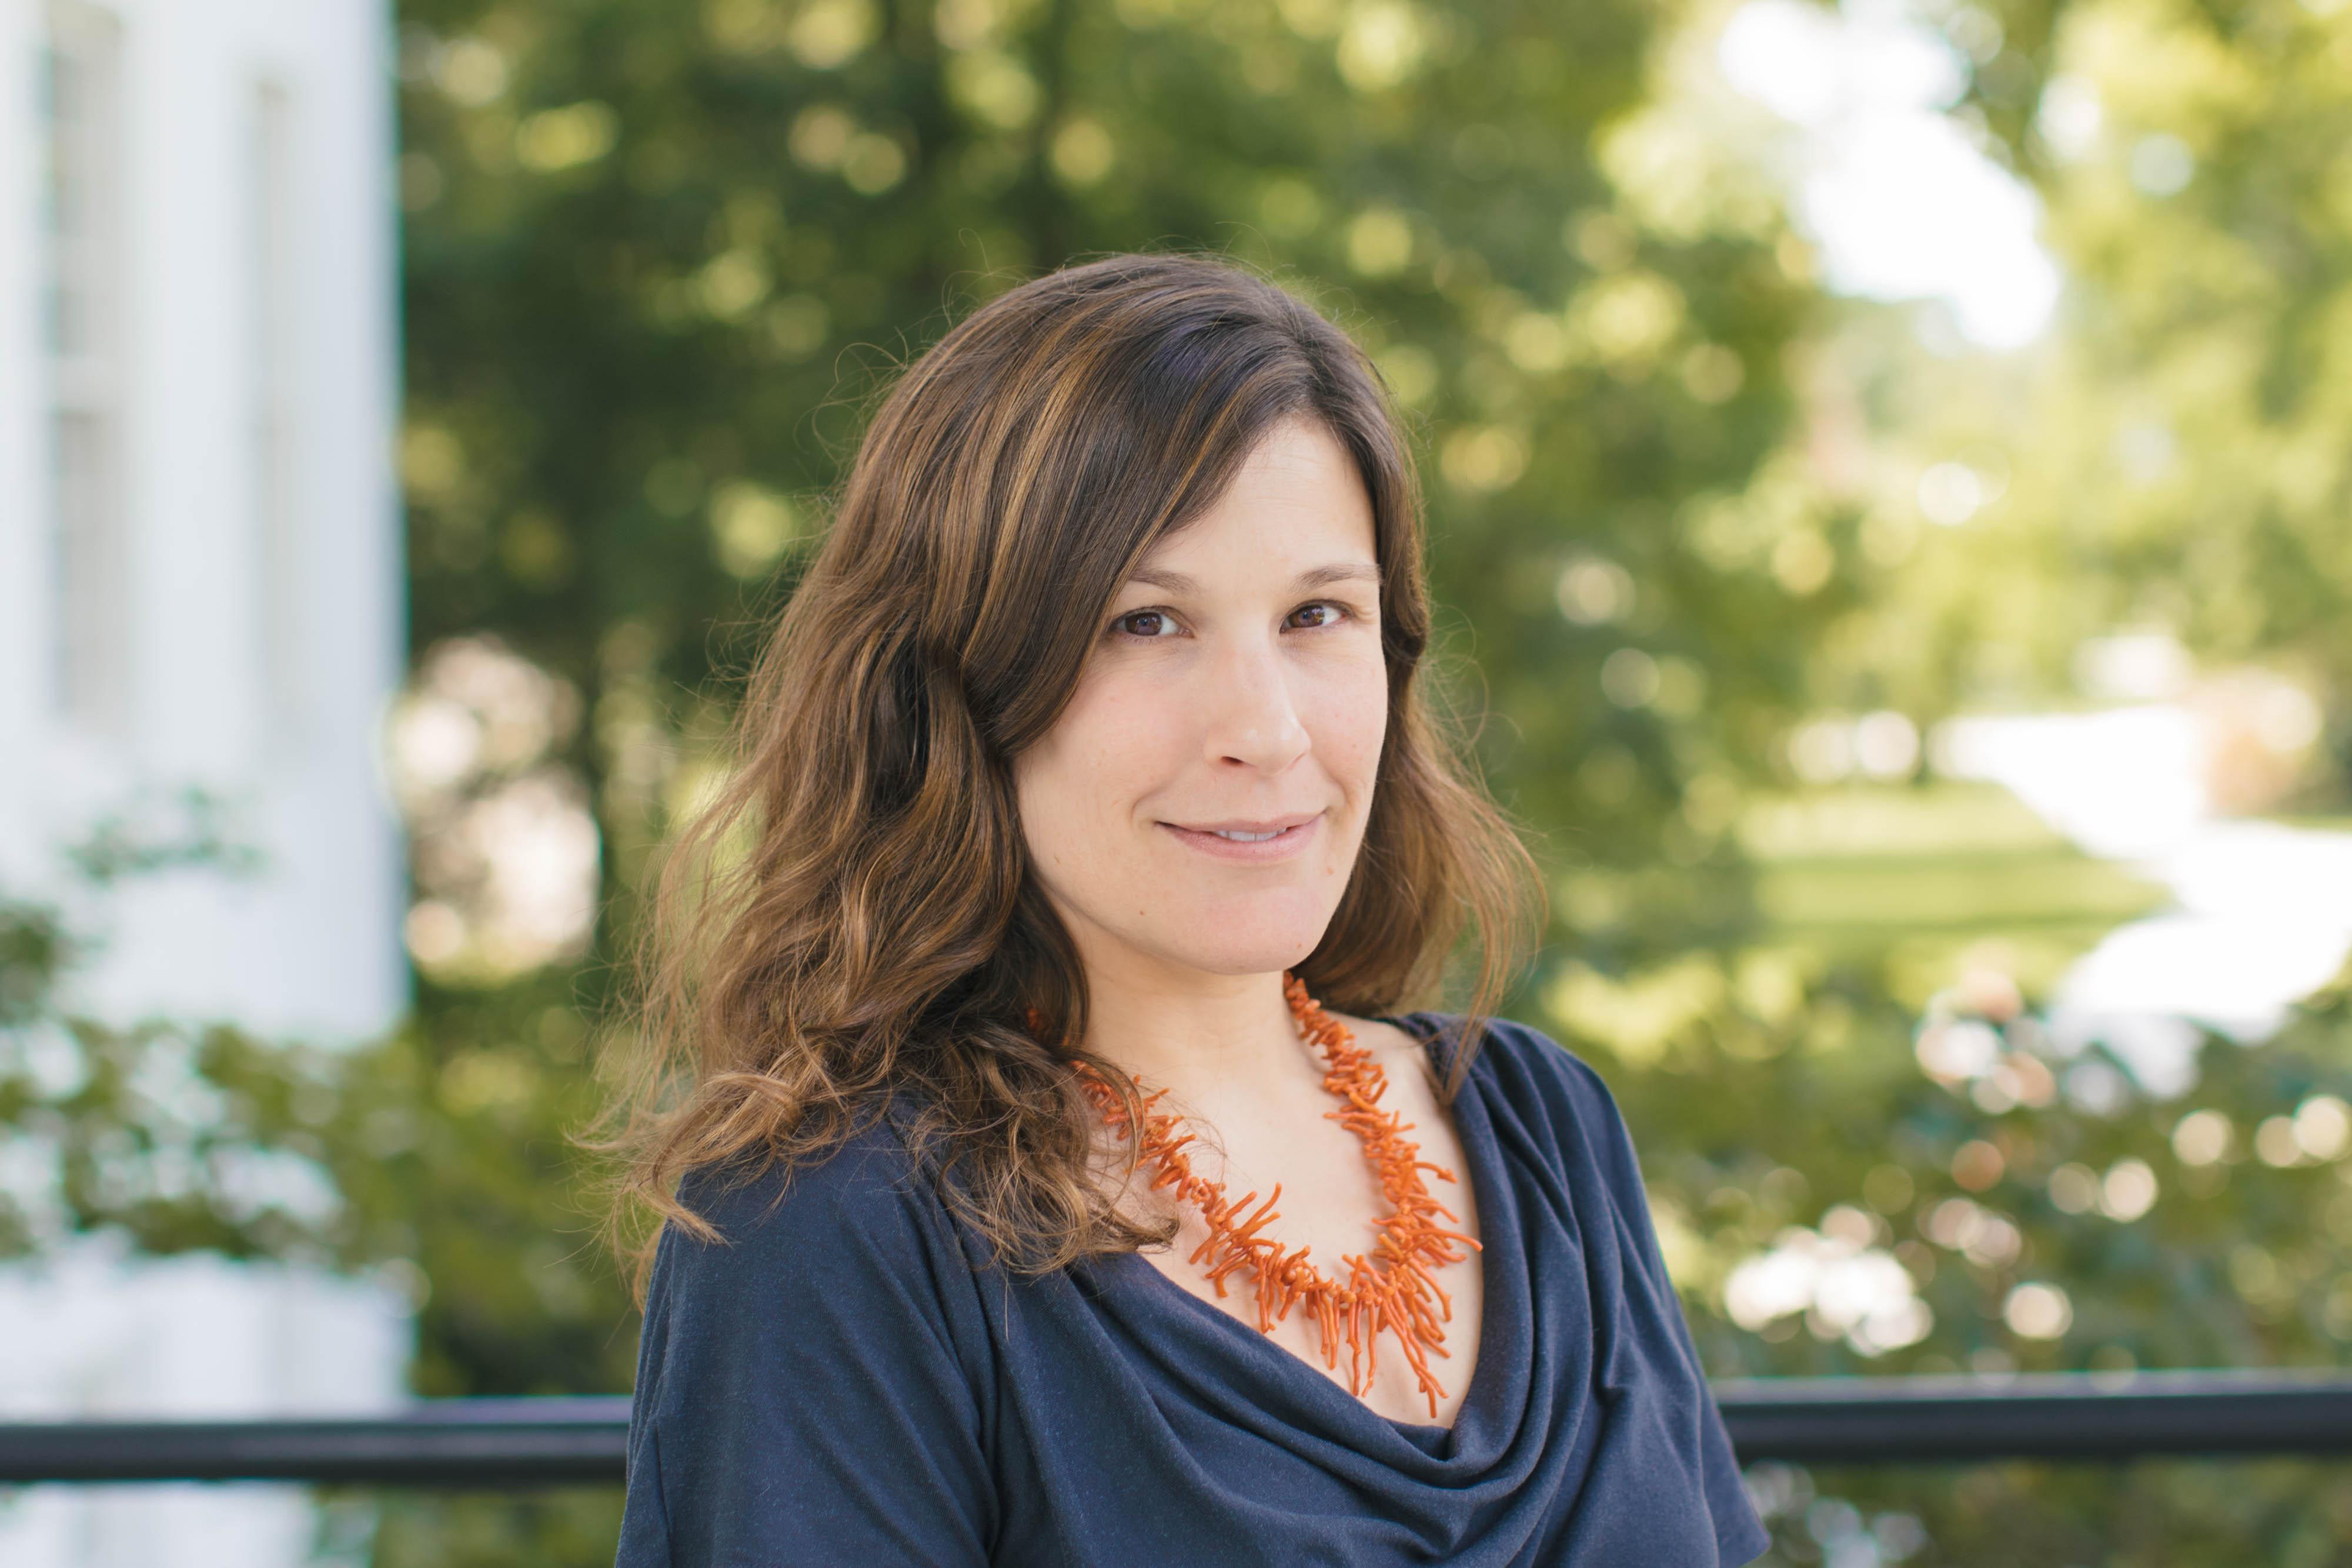 Cassie M. Hays